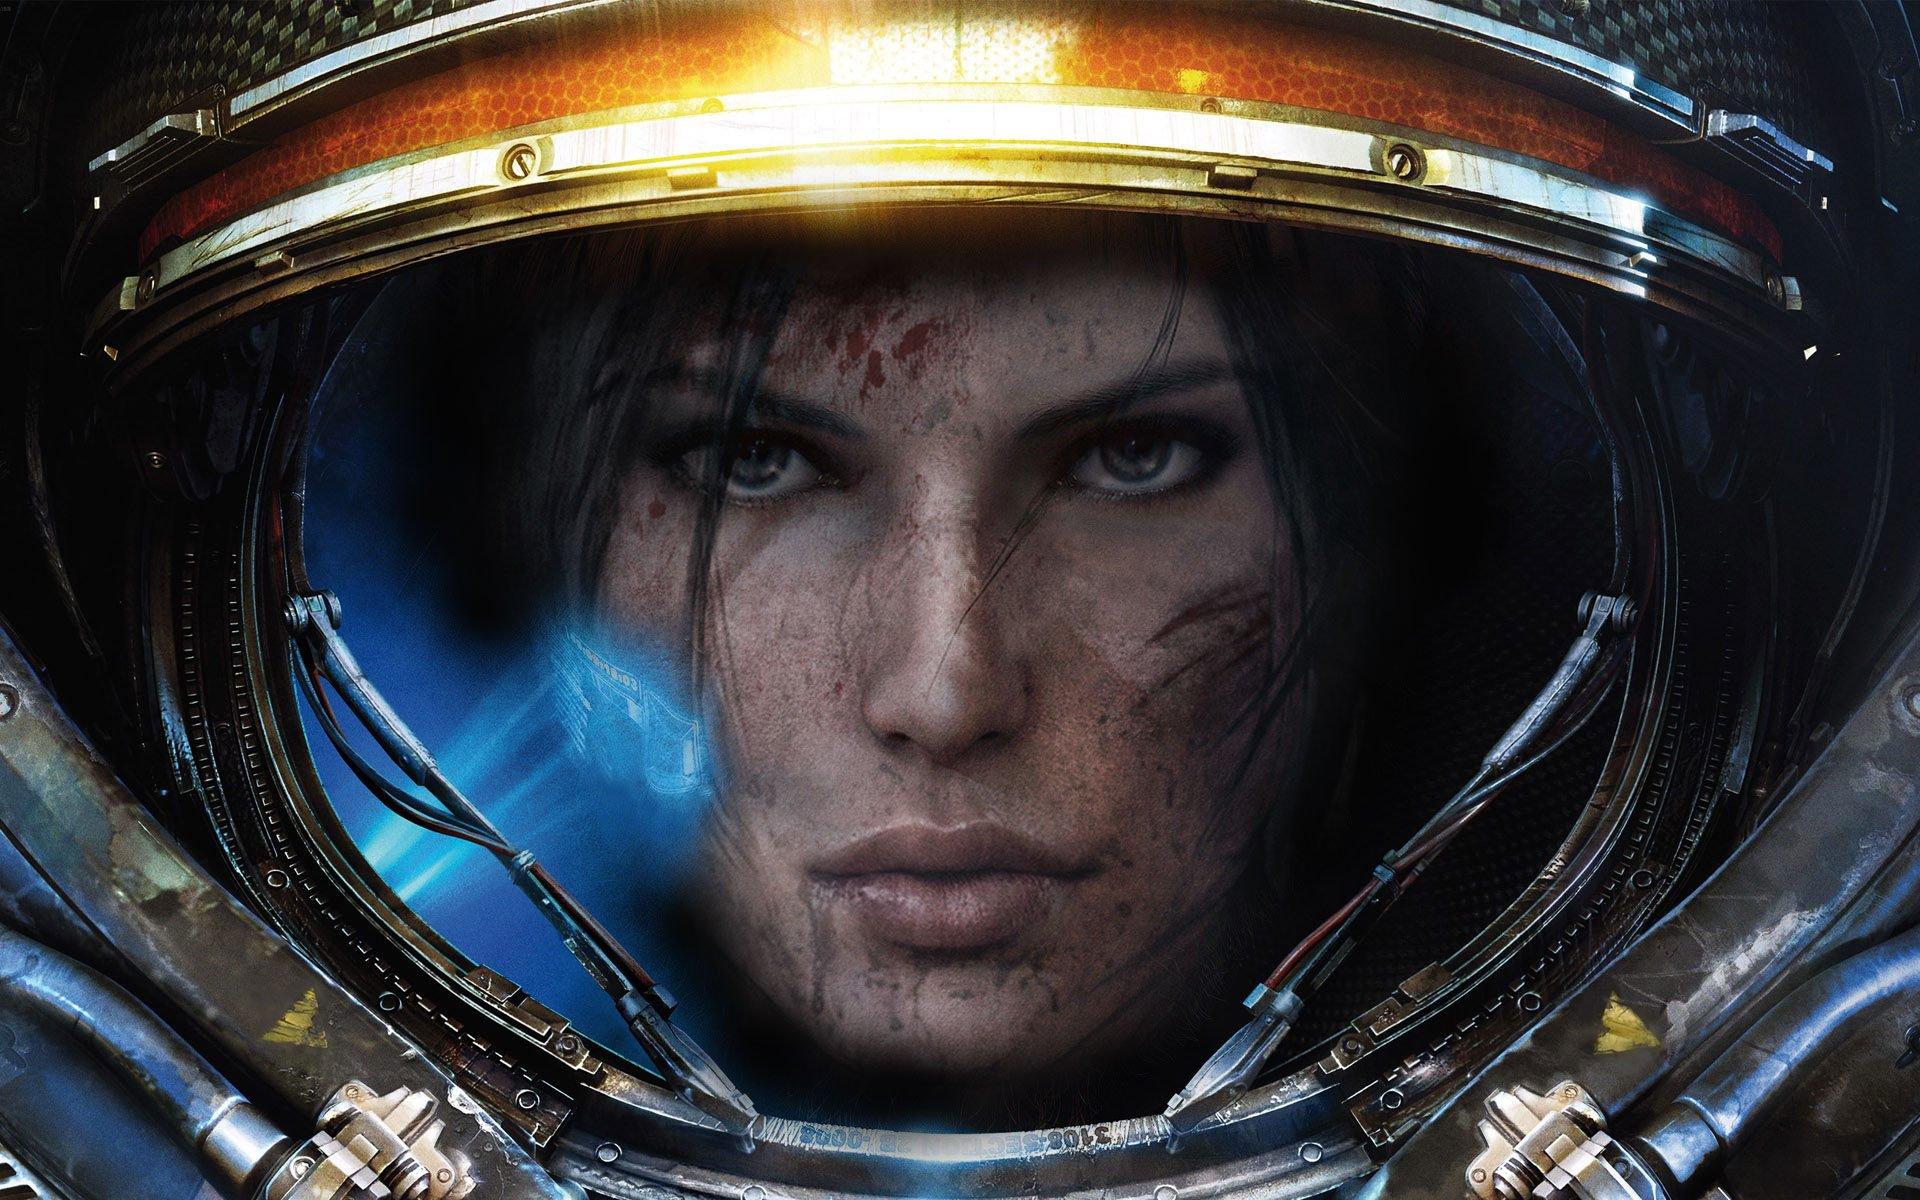 Unearthed: Лара Крофт летит в космос? - Изображение 1